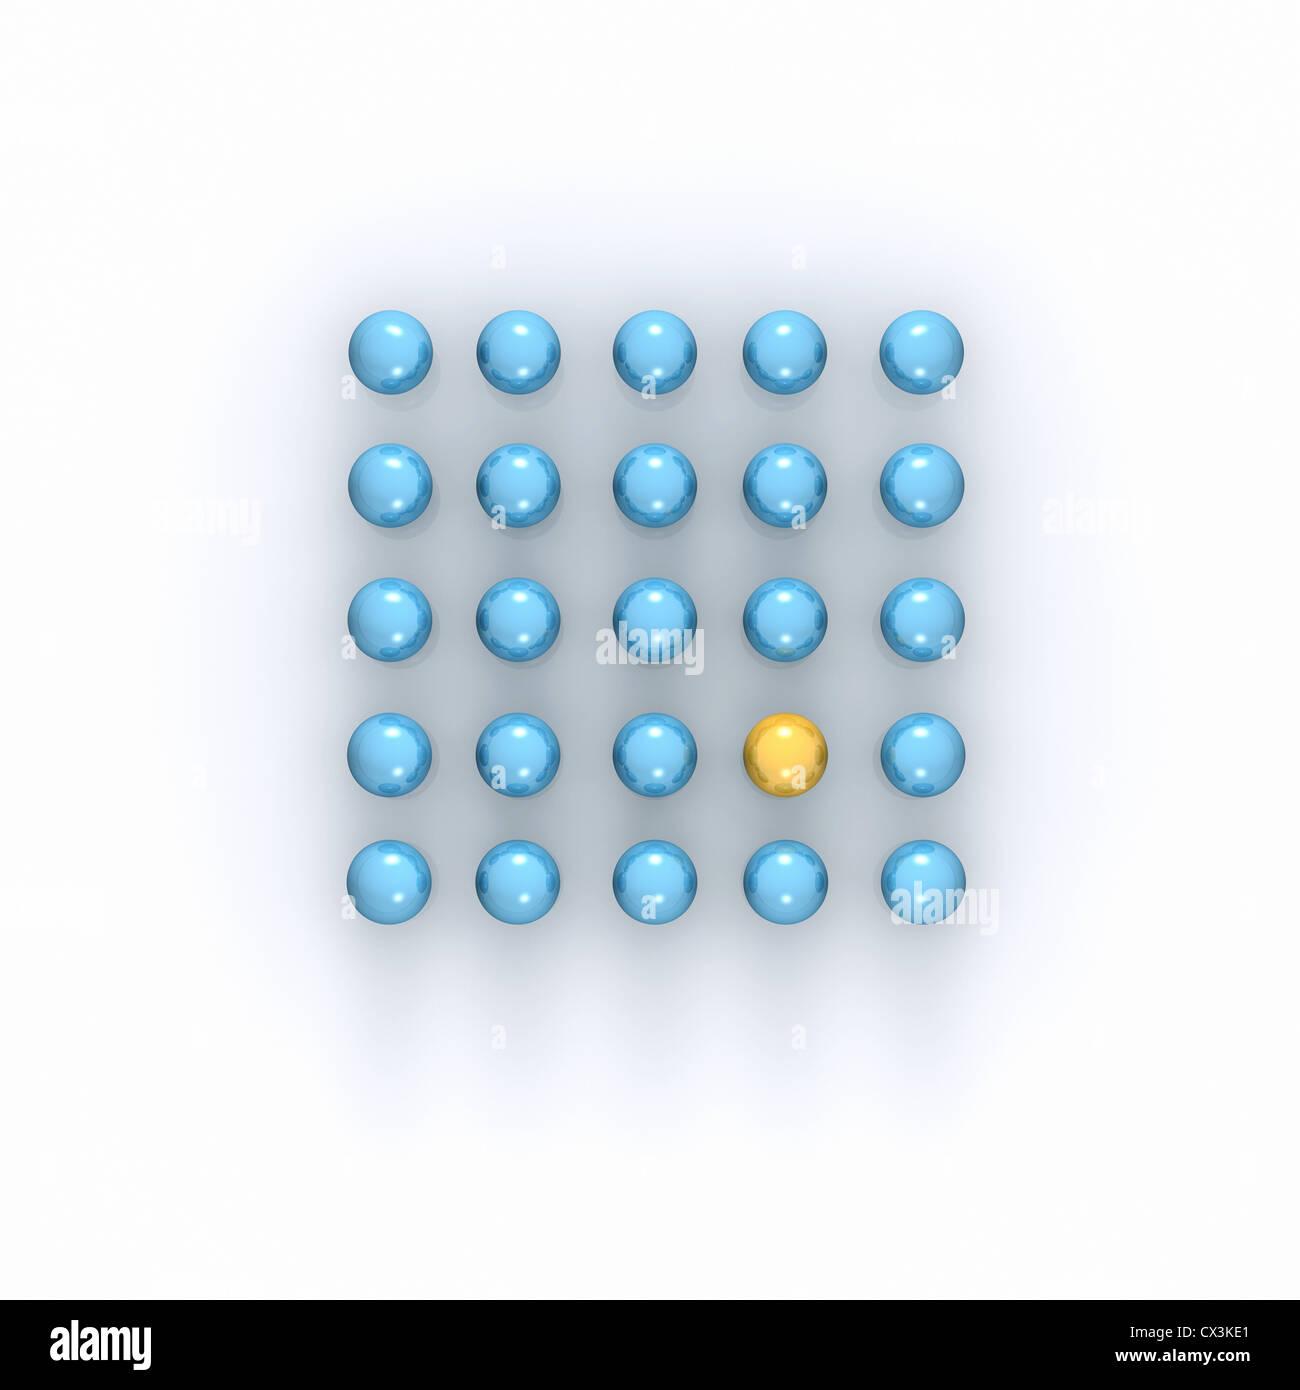 Platz der blauen Kugeln ist eine gelb - Quadrat aus 25 Blauen Kugeln, Eine ist Gelb - Stockbild